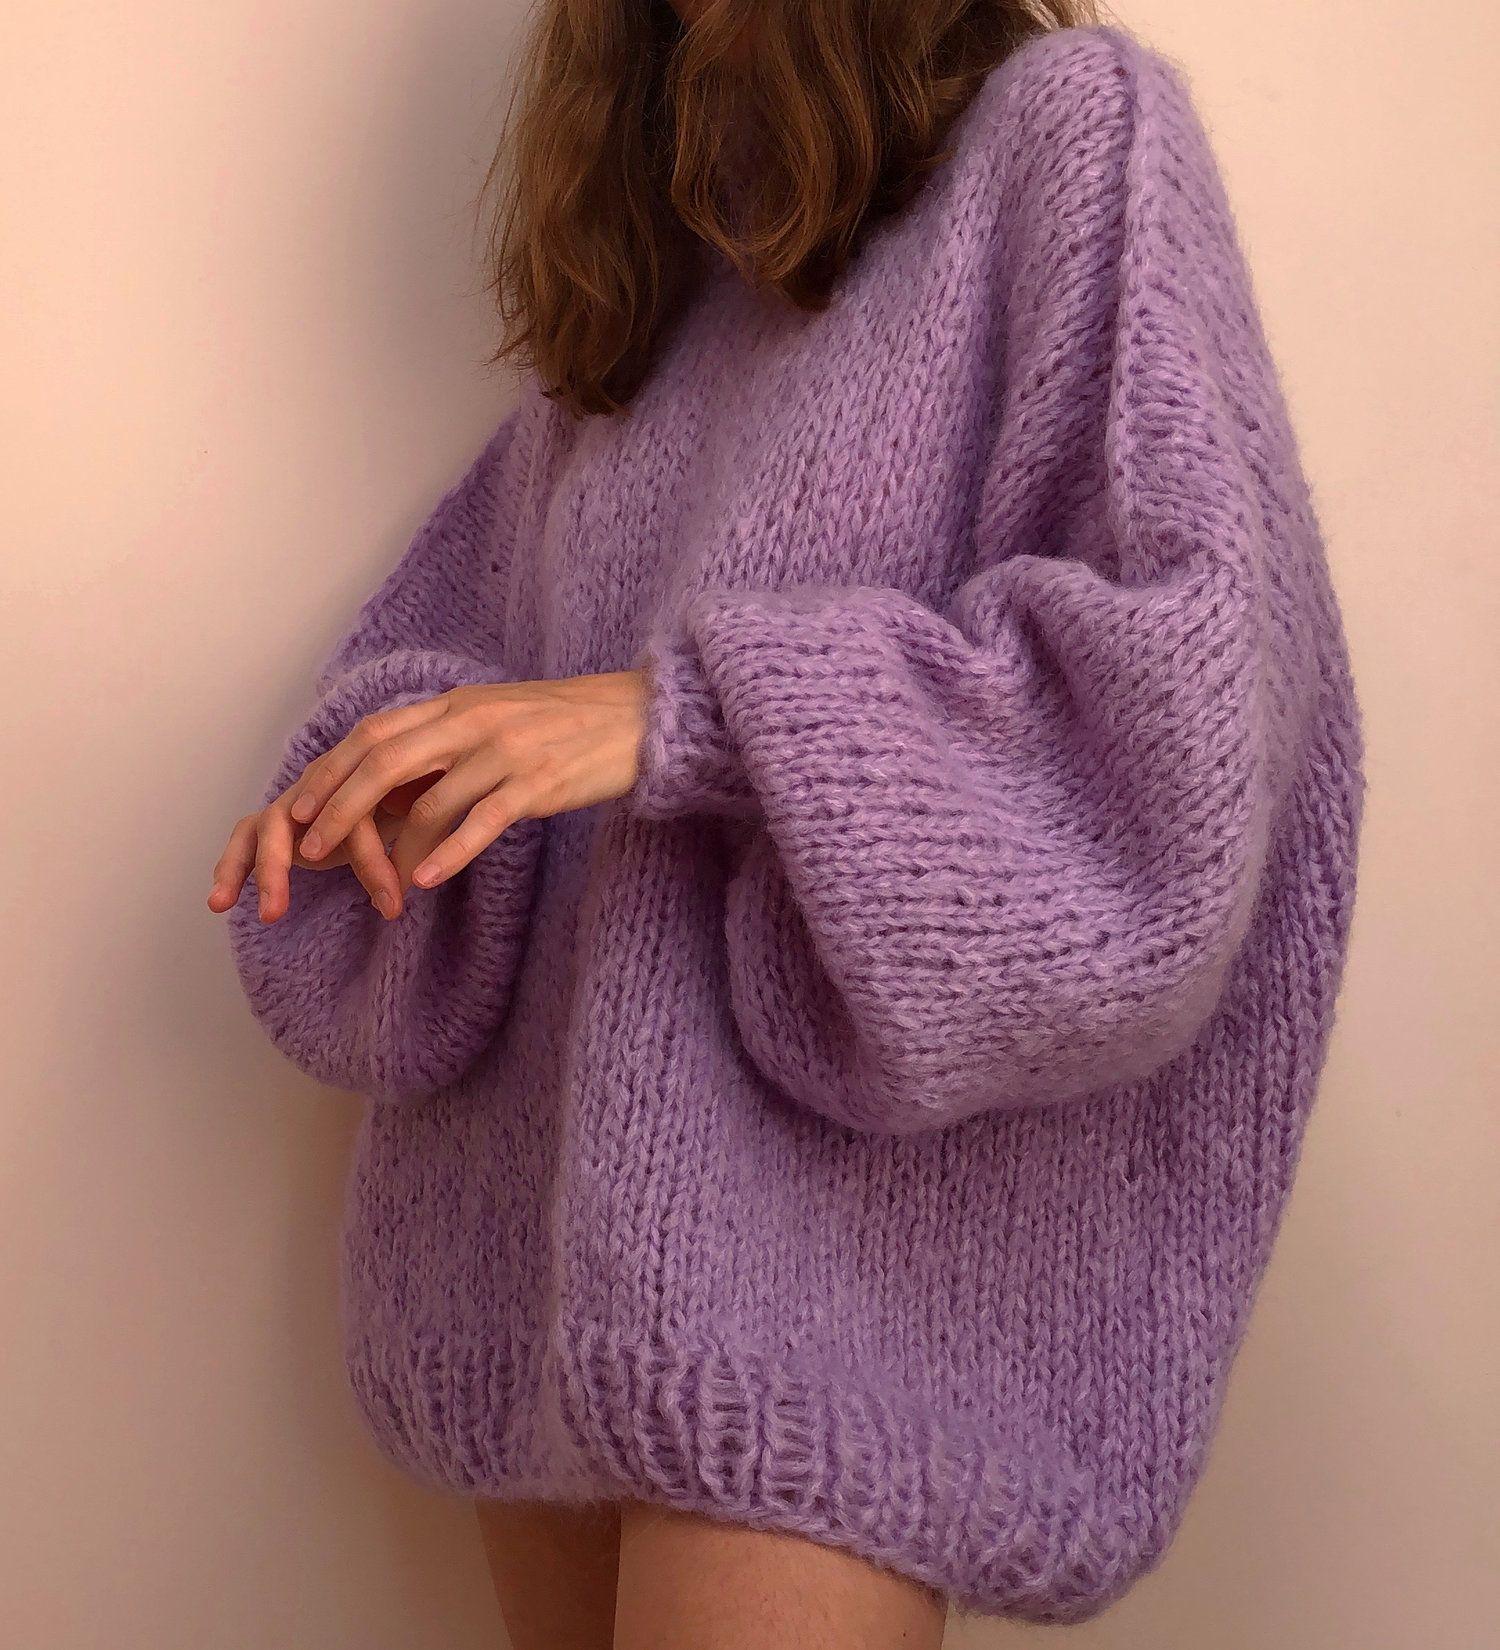 The Bubblegum — the Knitter.